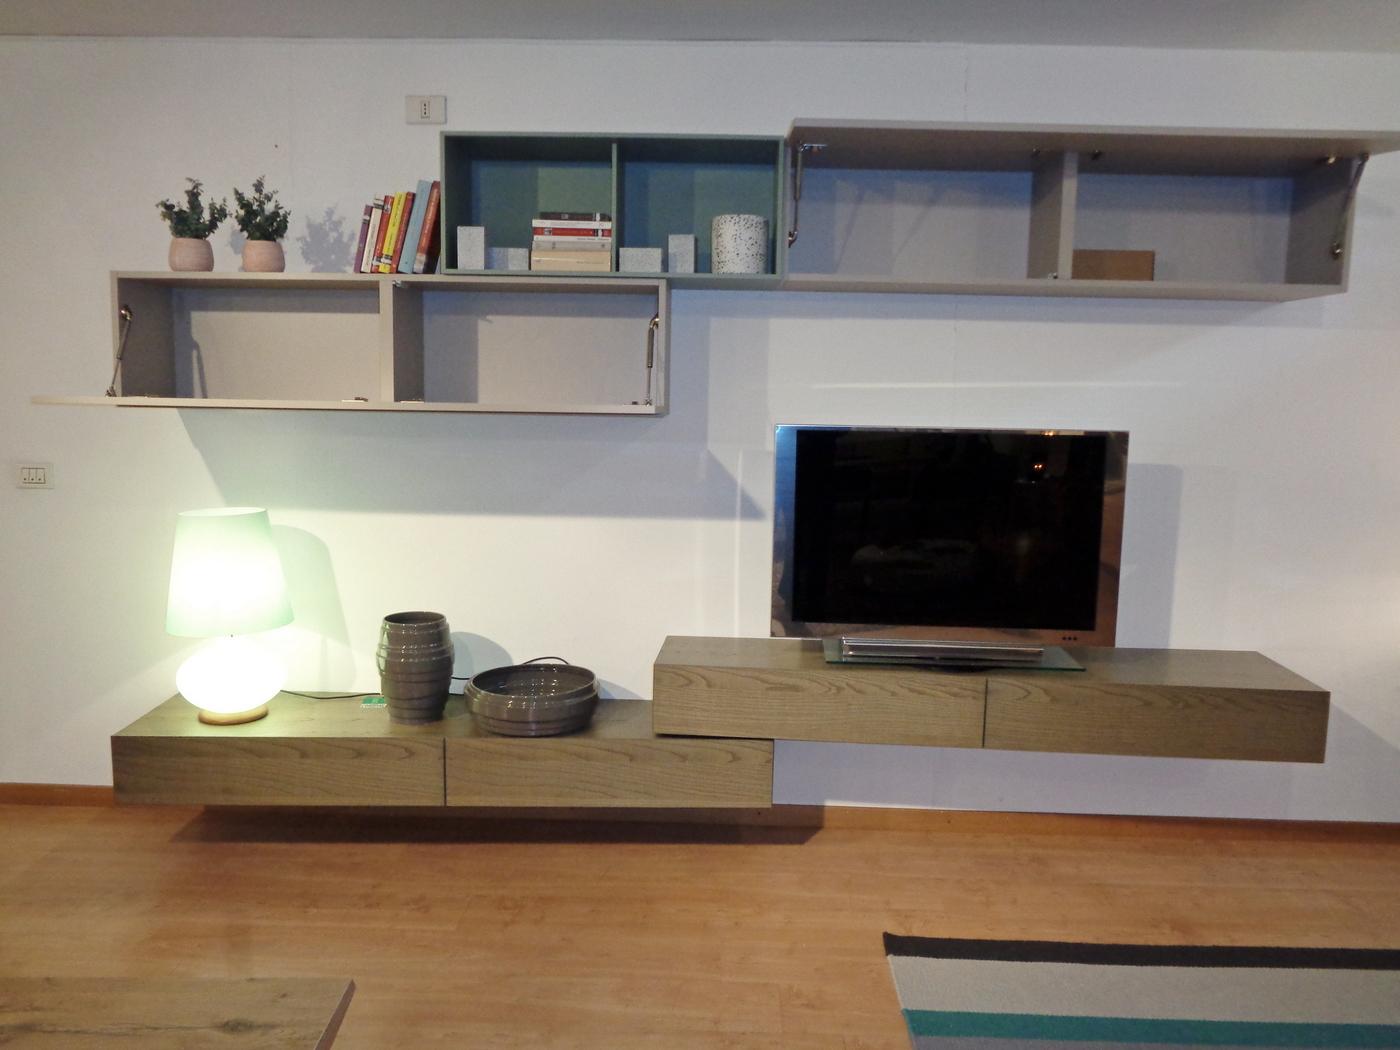 mobili da soggiorno Presotto in offerta a prezzo d'occasione Bergamo